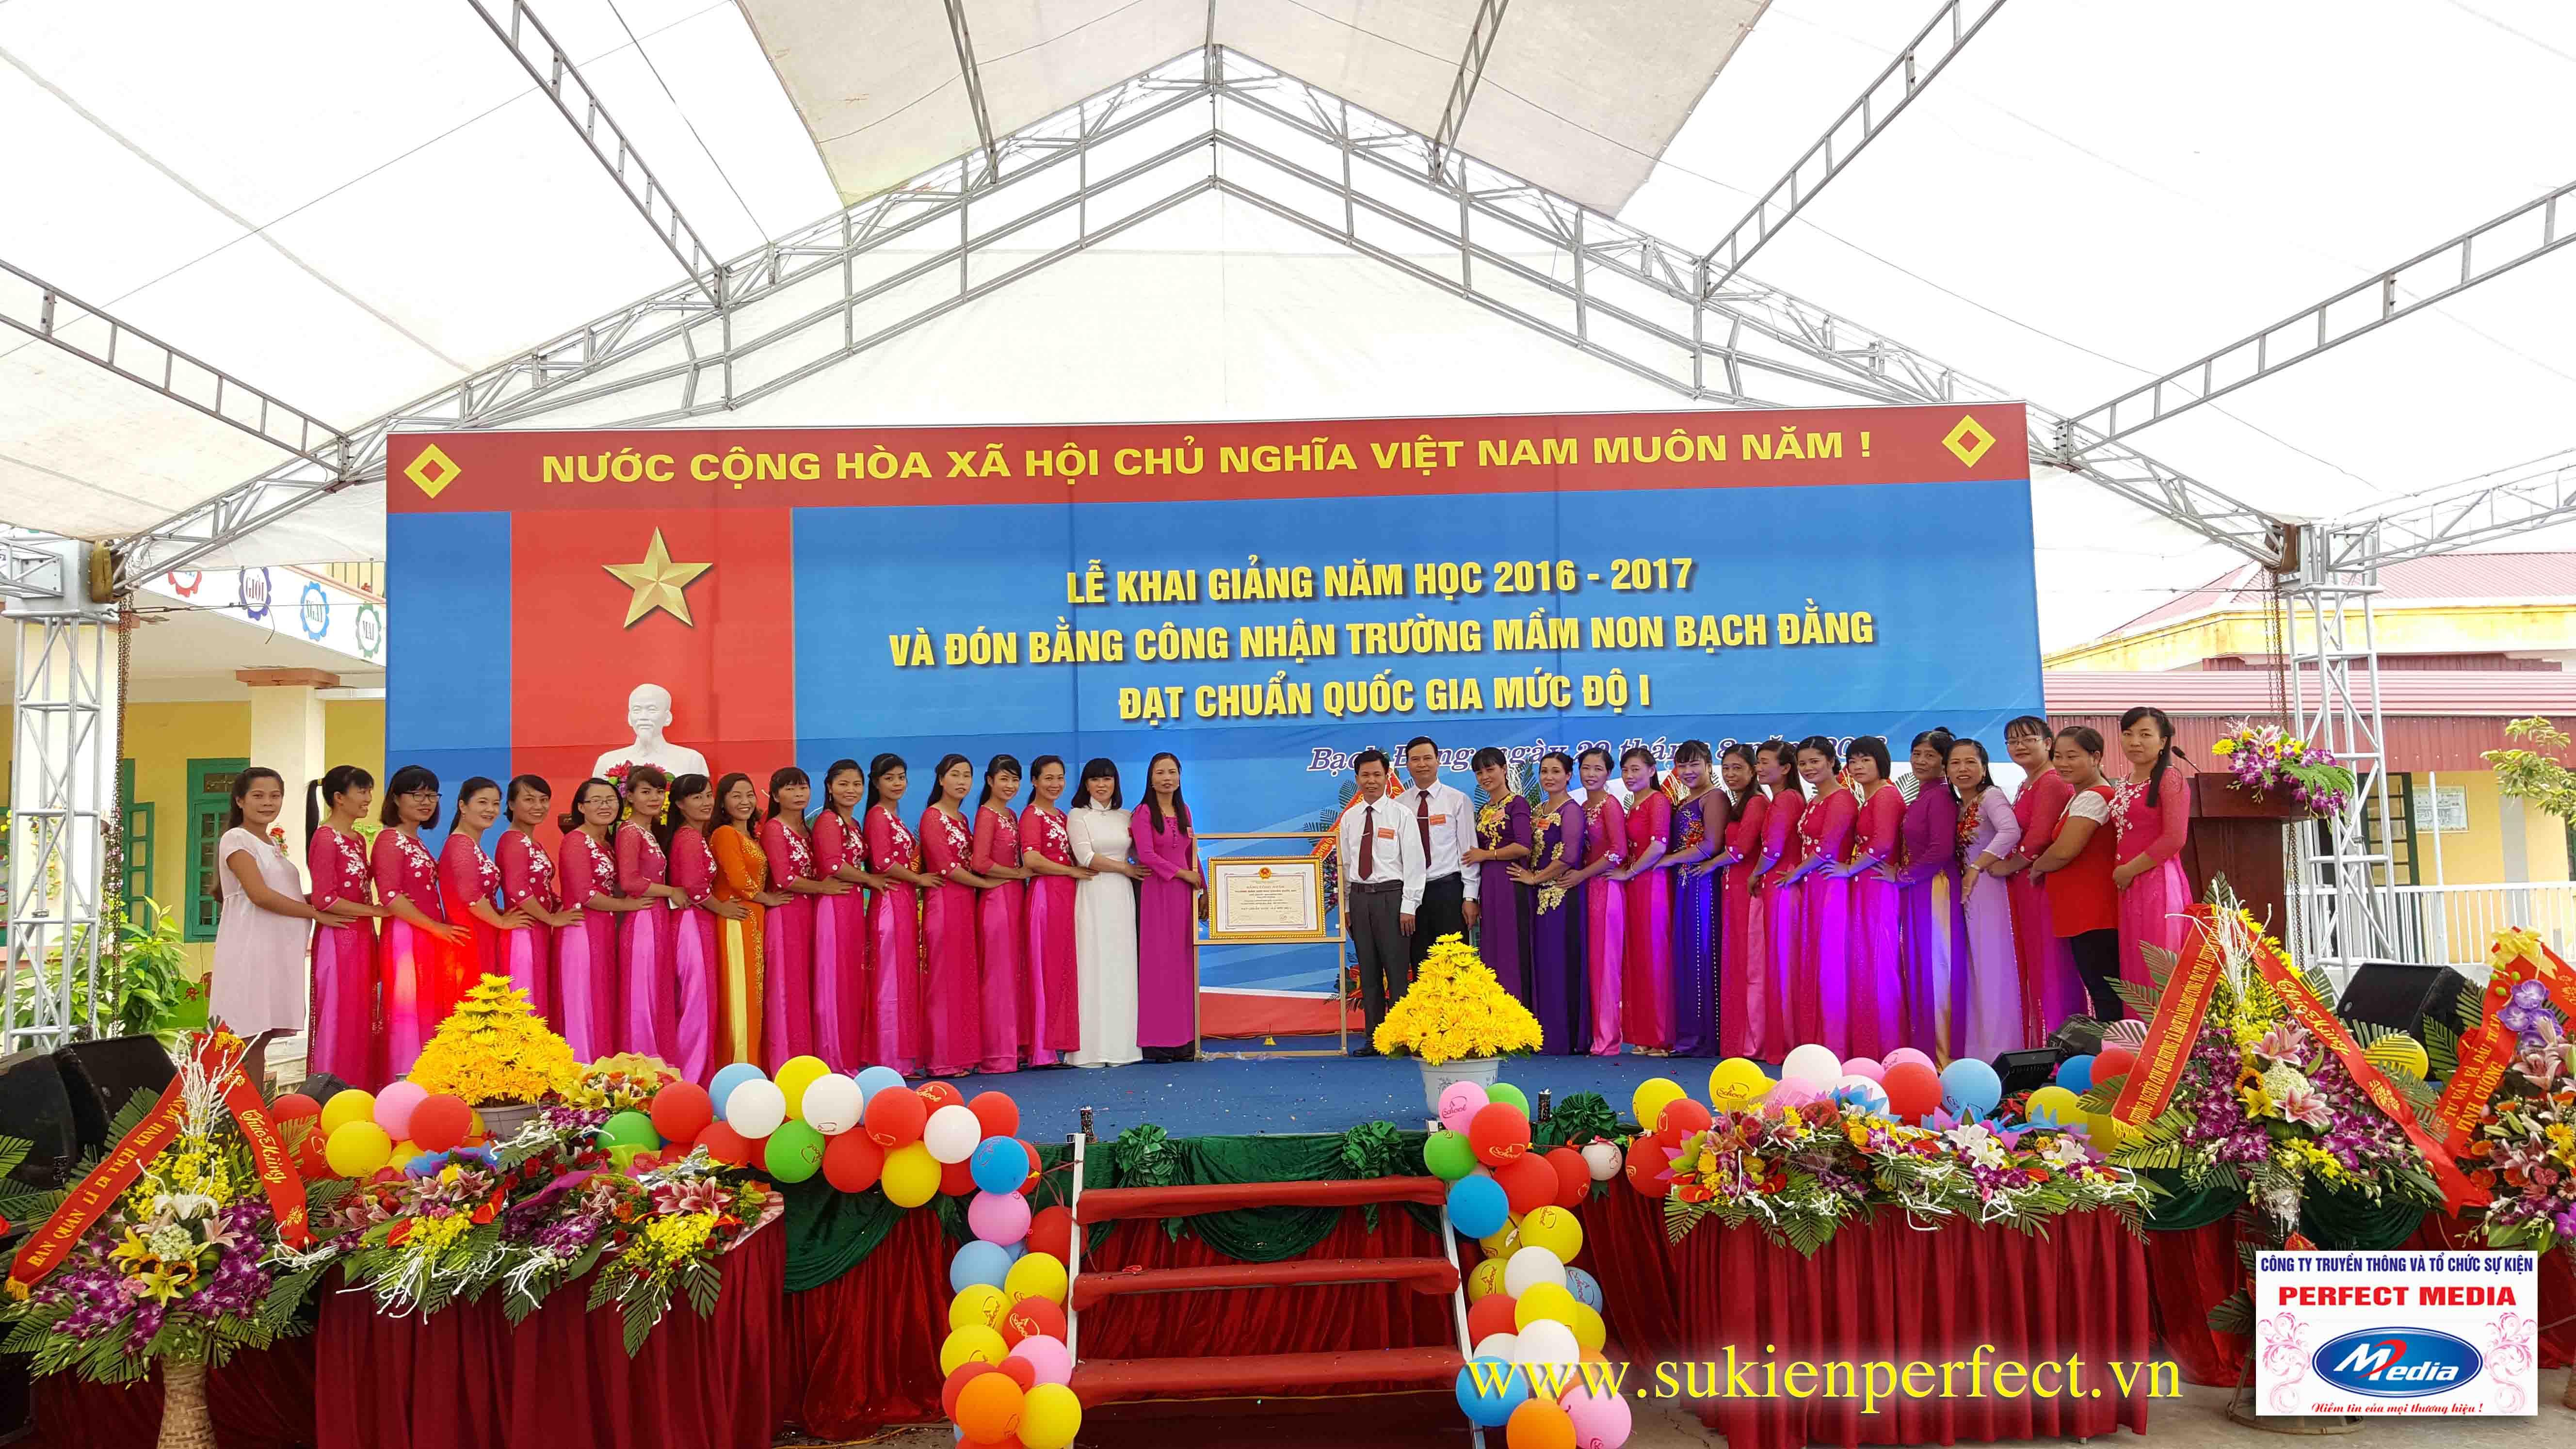 Lễ khai giảng năm học 2016 - 2017 của trường mầm non Bạch Đằng - Kinh Môn 09